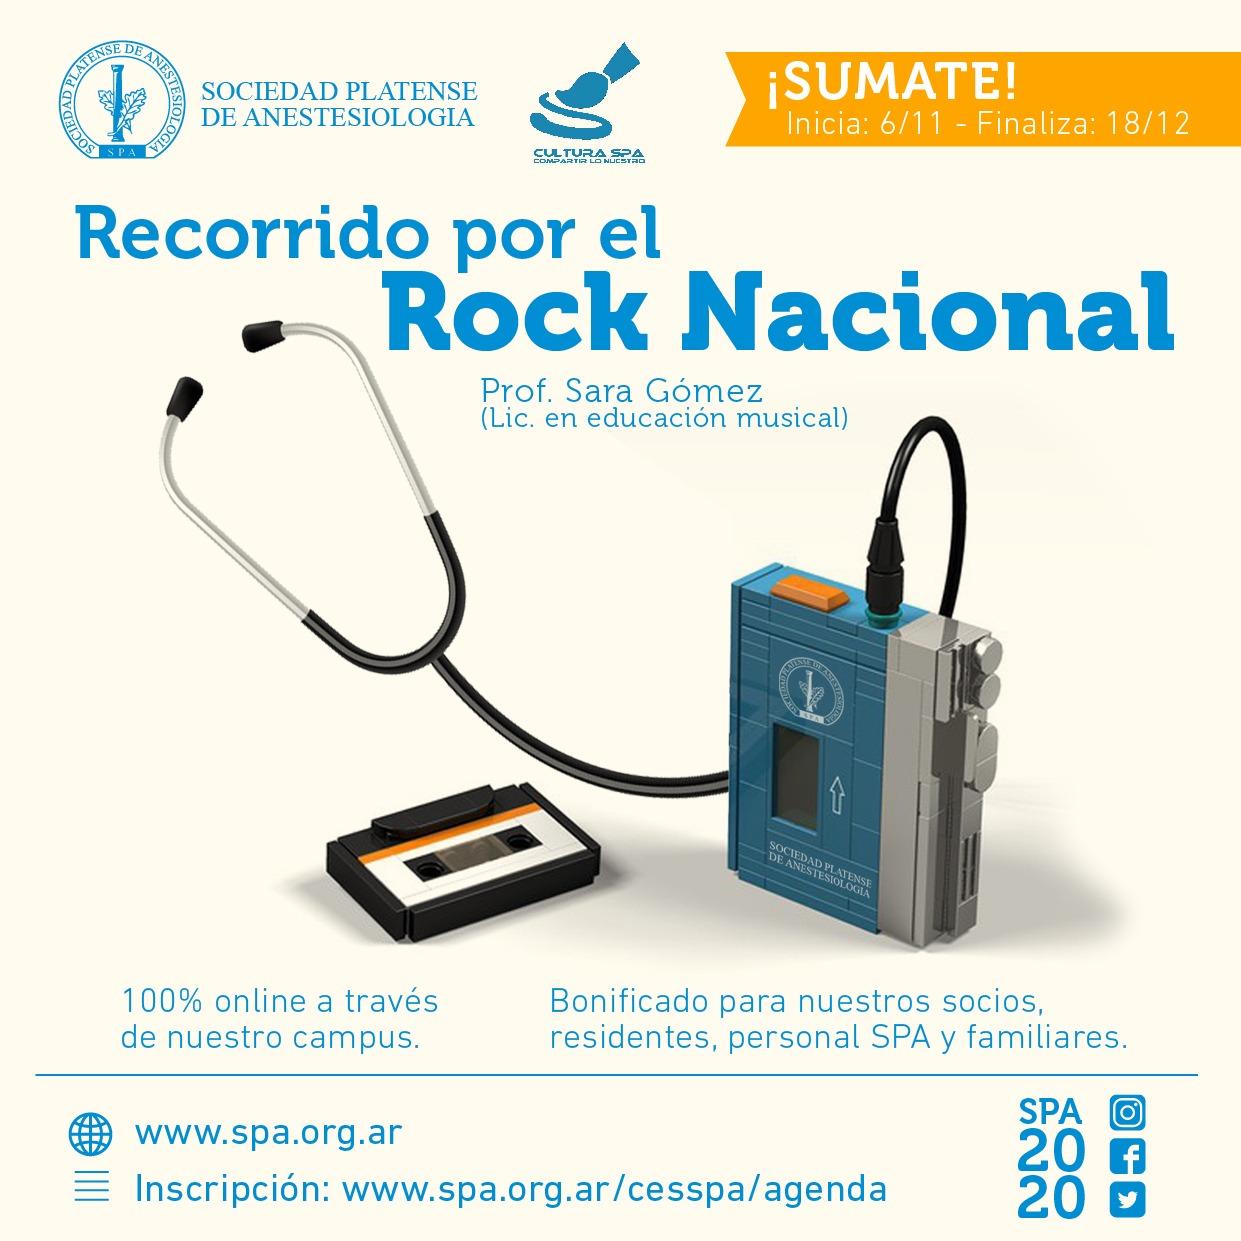 «Recorrido por el Rock Nacional»